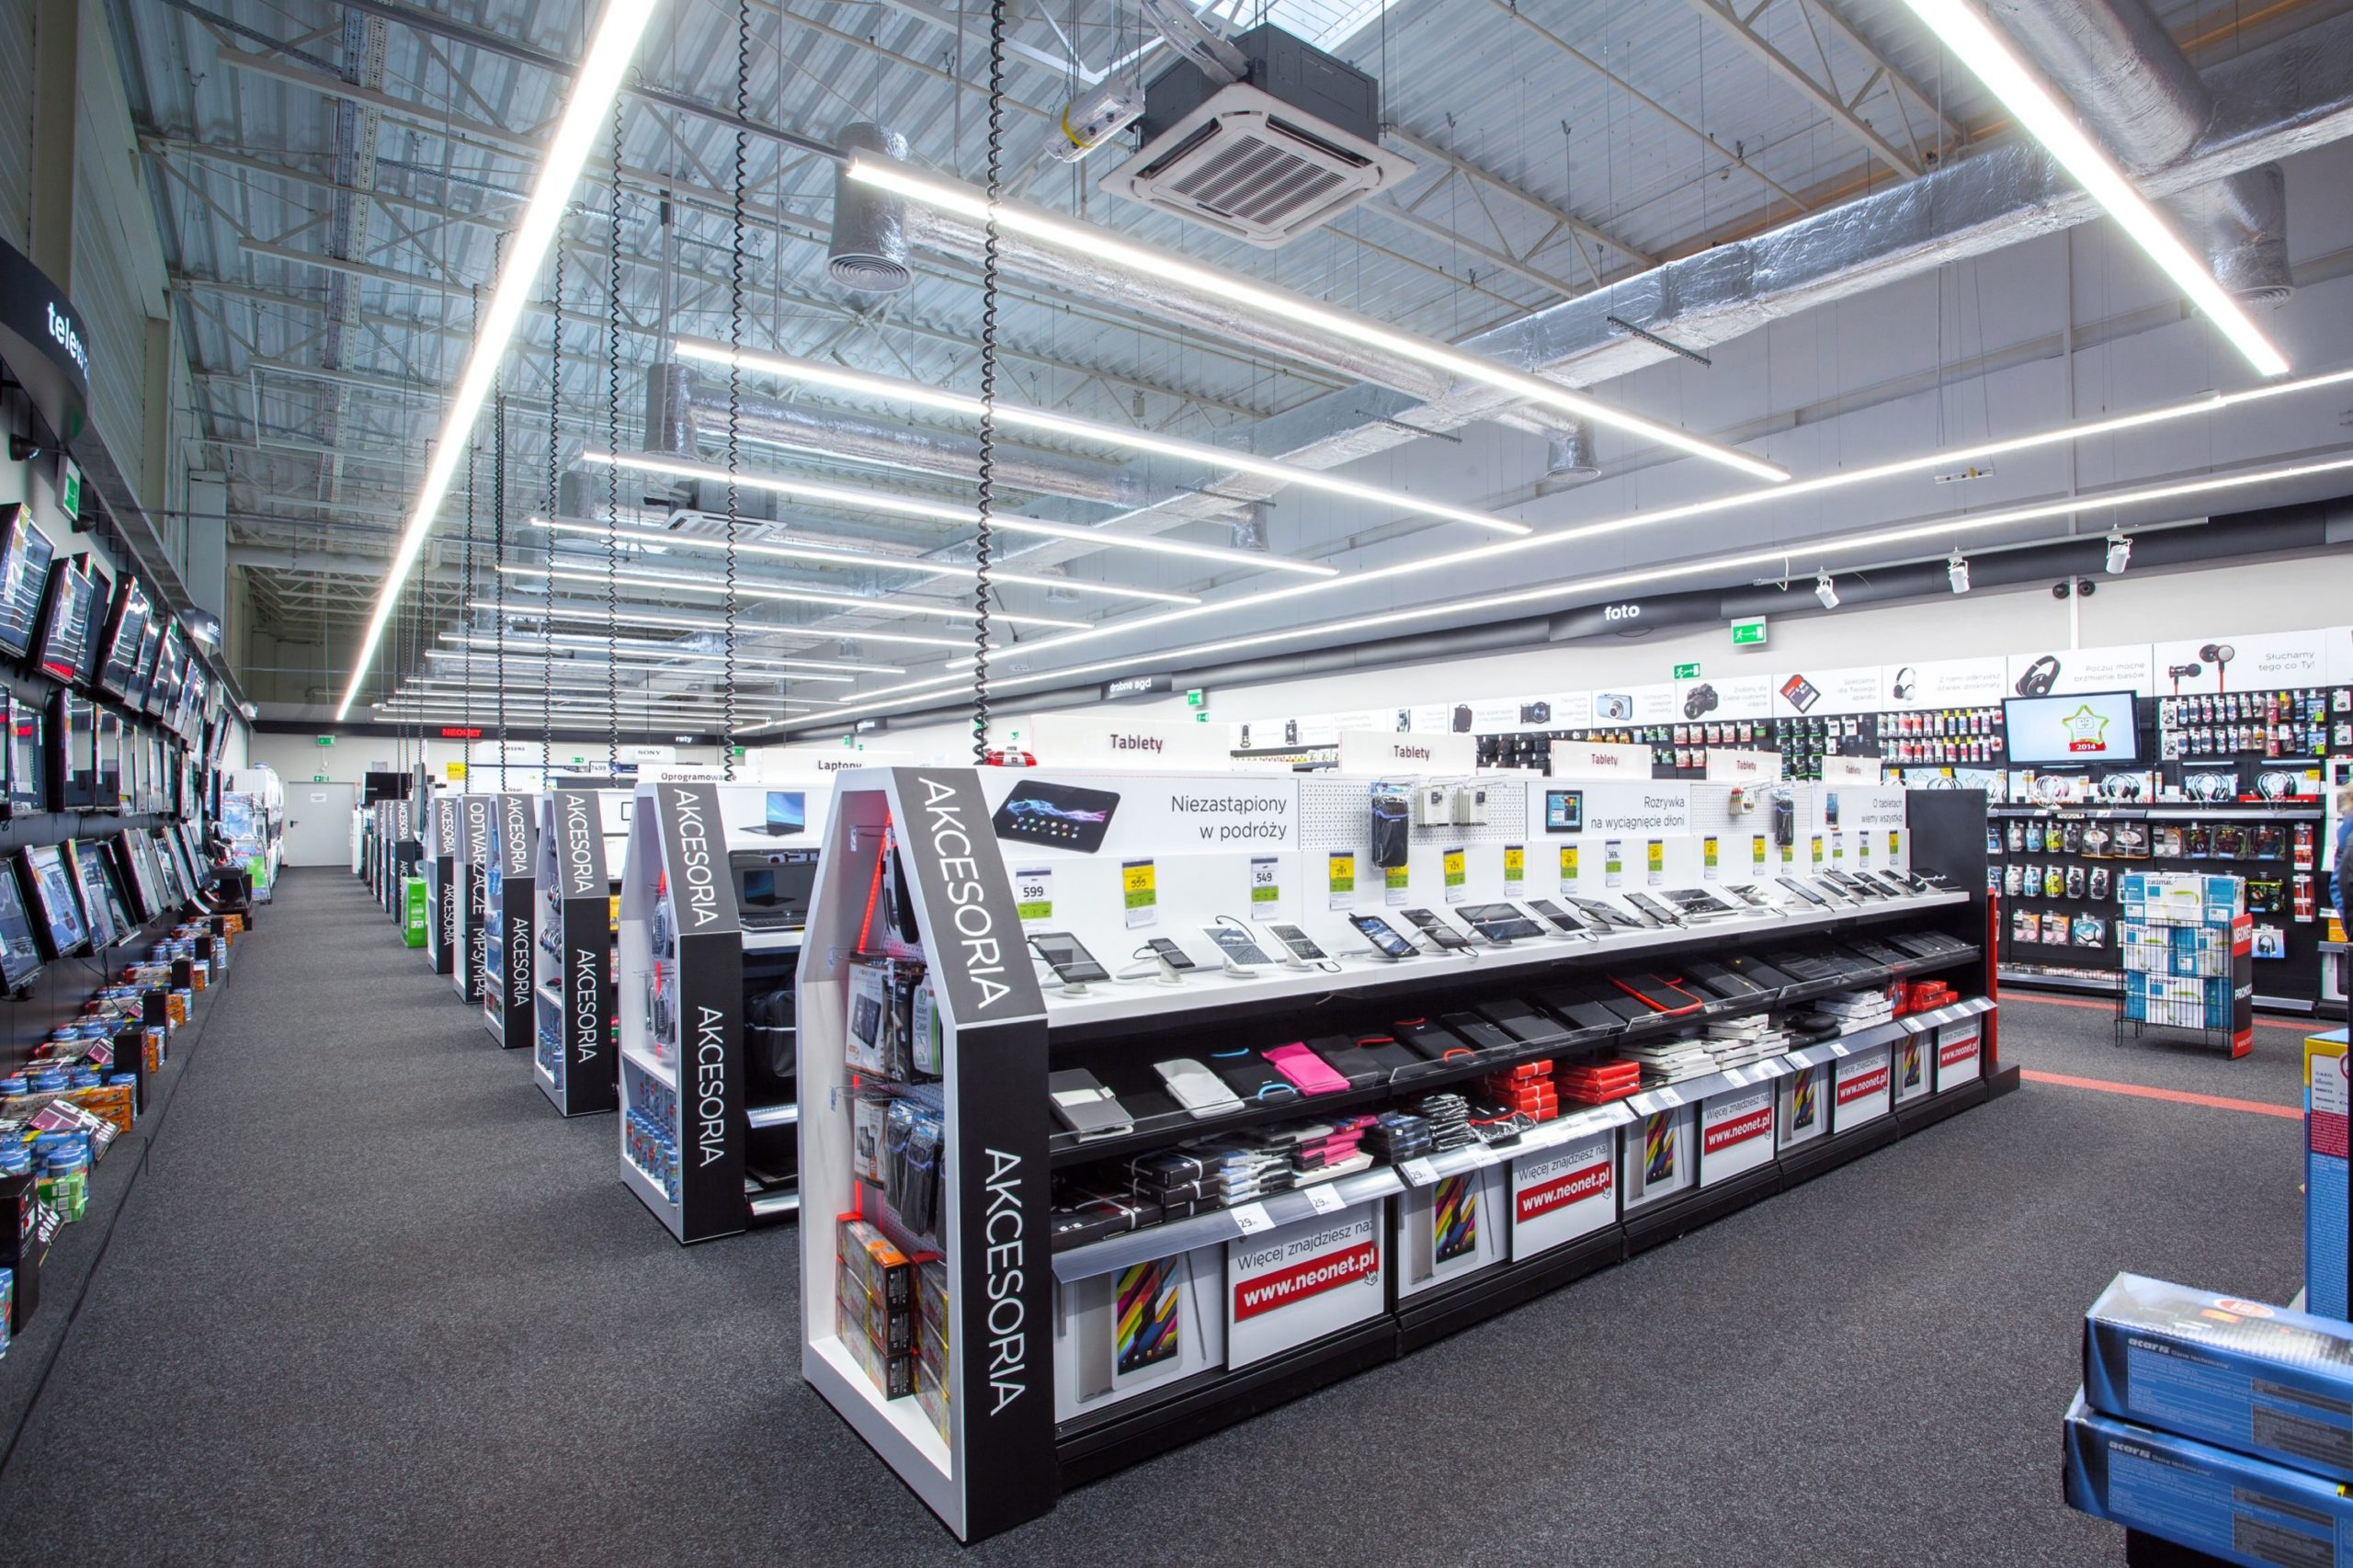 Zmodernizowane oświeltenie led sklepu Neonet - oprawy Lumiline - Luxon LED